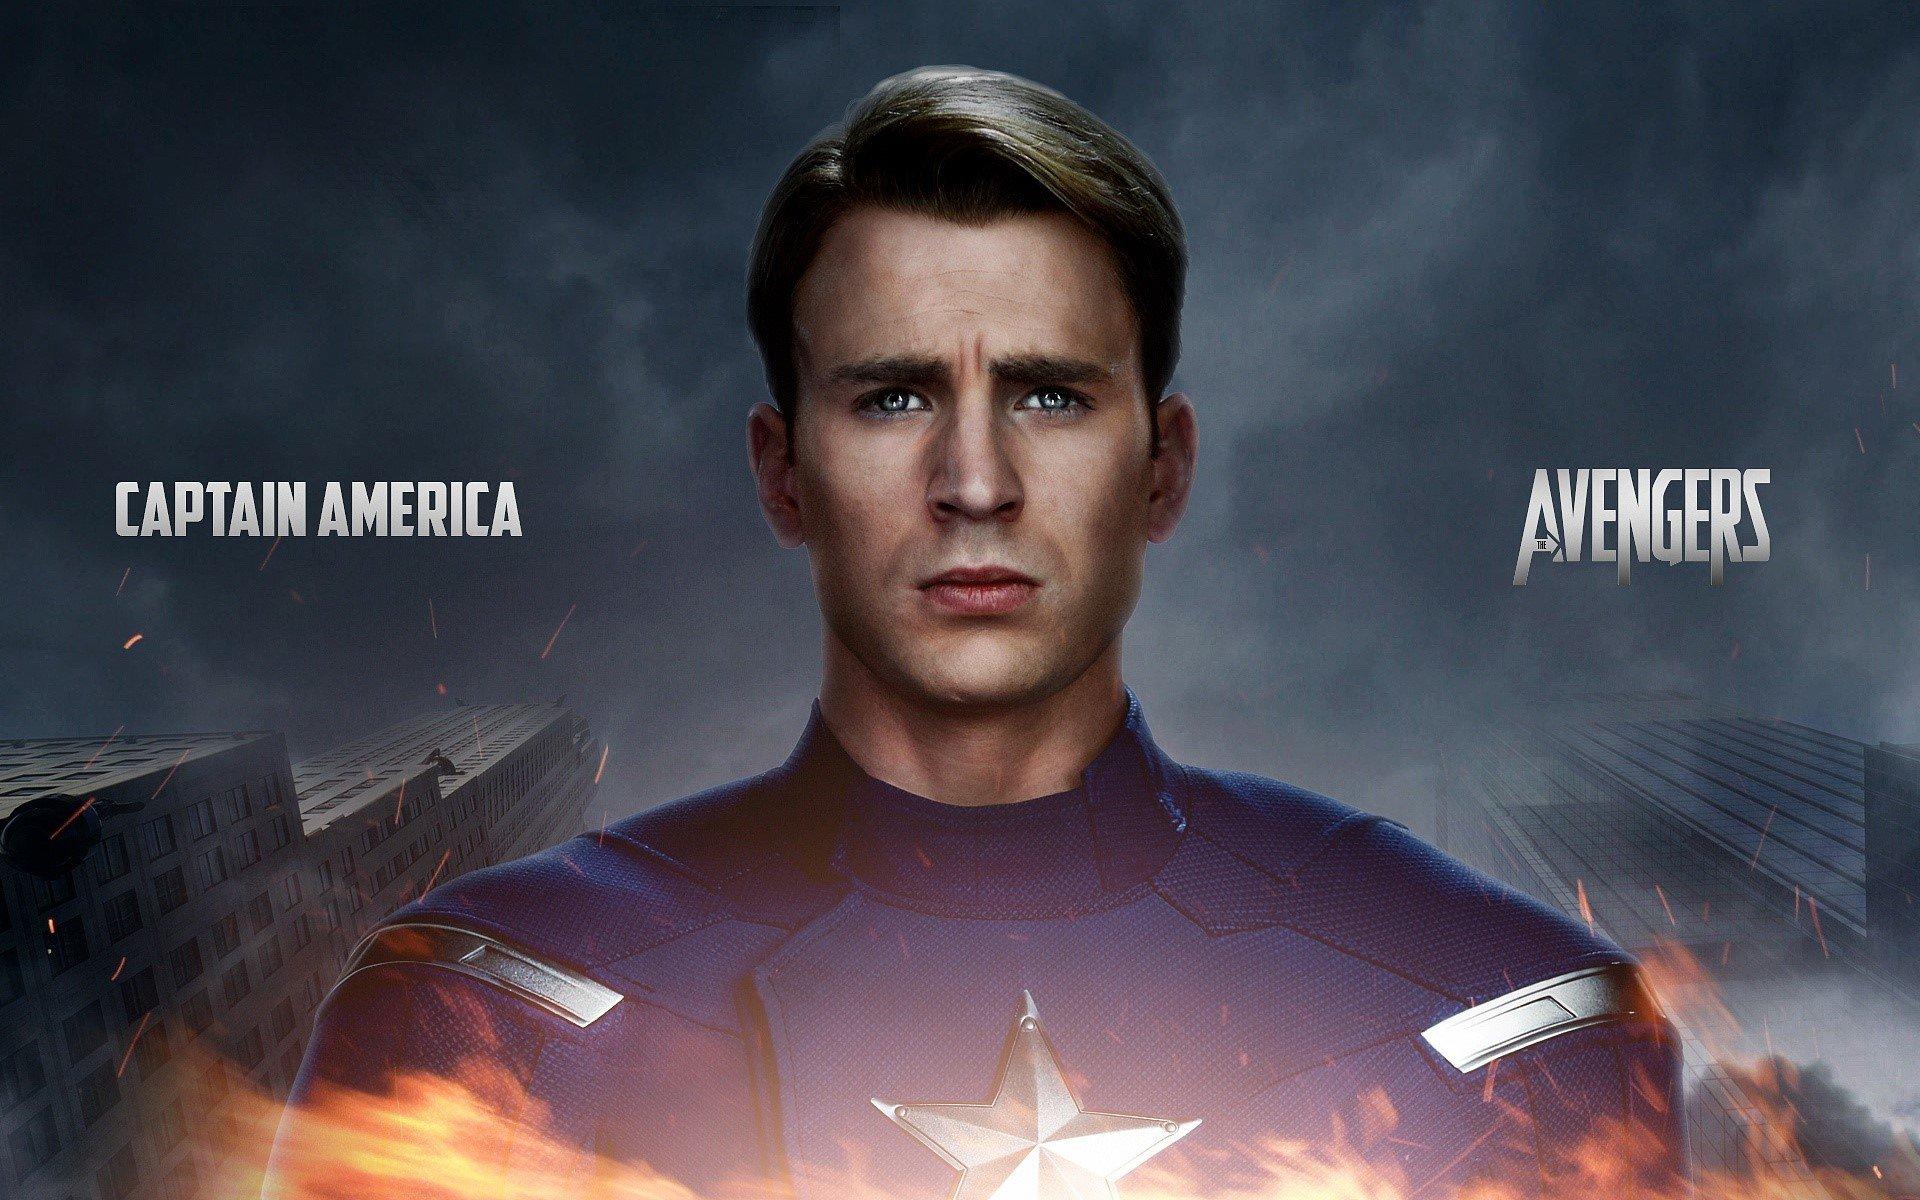 Fondos de pantalla Capitan America en Los vengadores 2